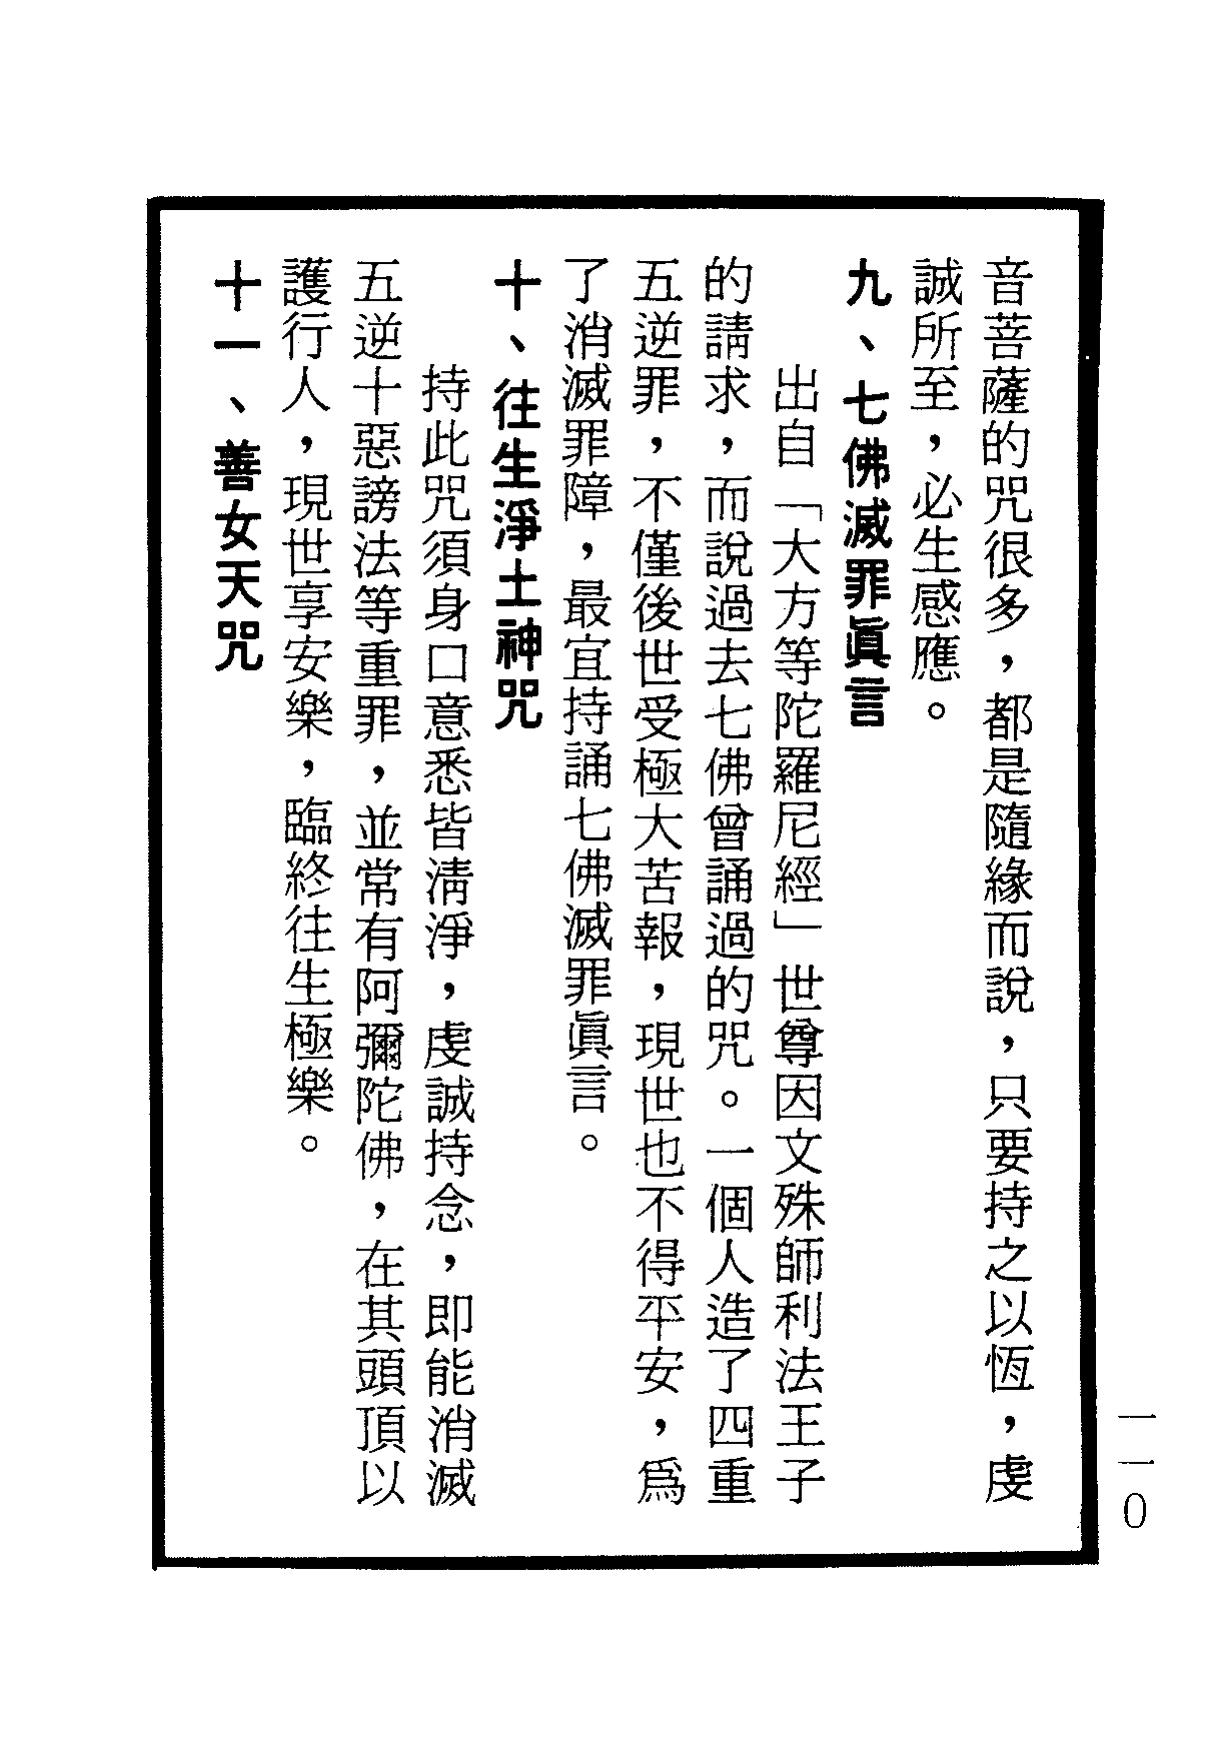 楞嚴咒-大悲咒-十小咒-易背本 116.png